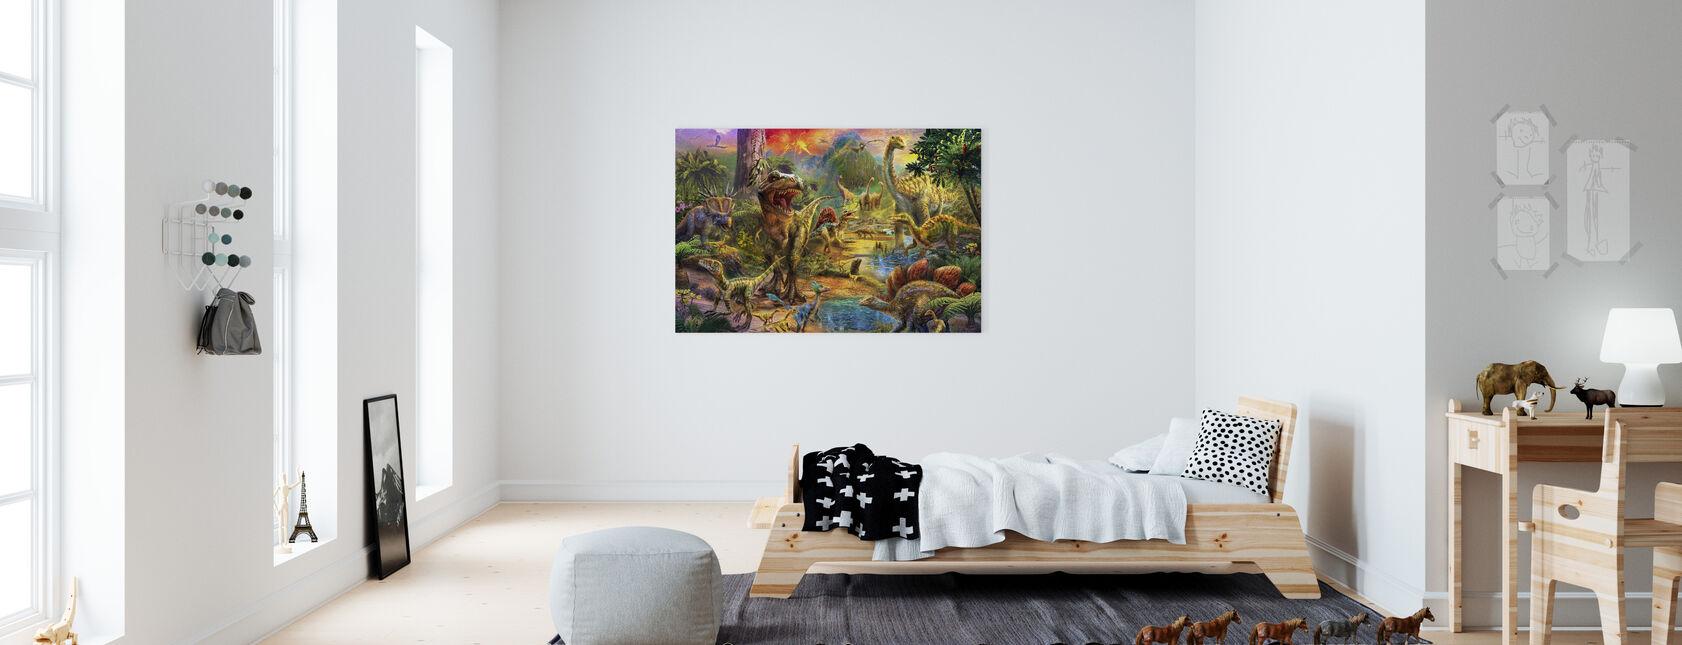 Landschap van Dinosaurussen - Canvas print - Kinderkamer